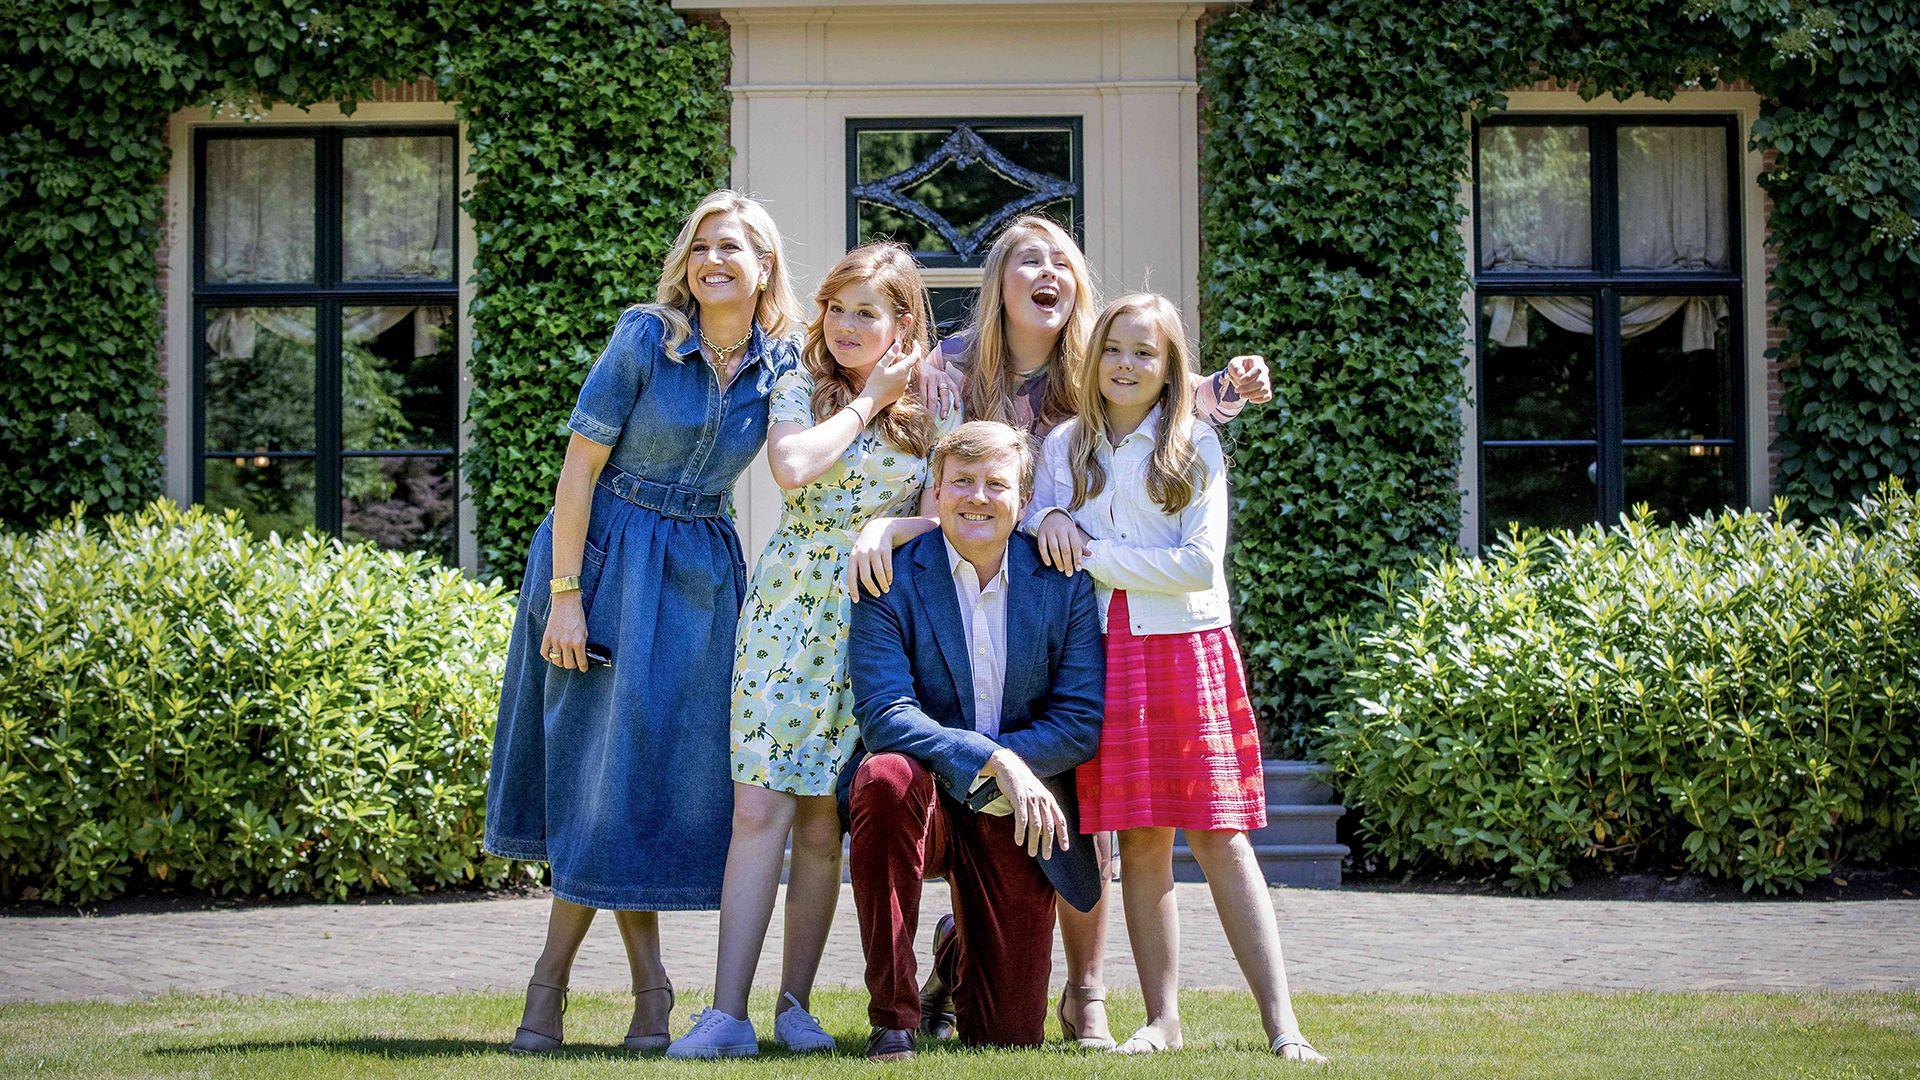 Máxima, Guillermo y sus hijas Amalia, Alejandra y Ariadna (AFP PHOTO / ANP / Robin Utrecht)